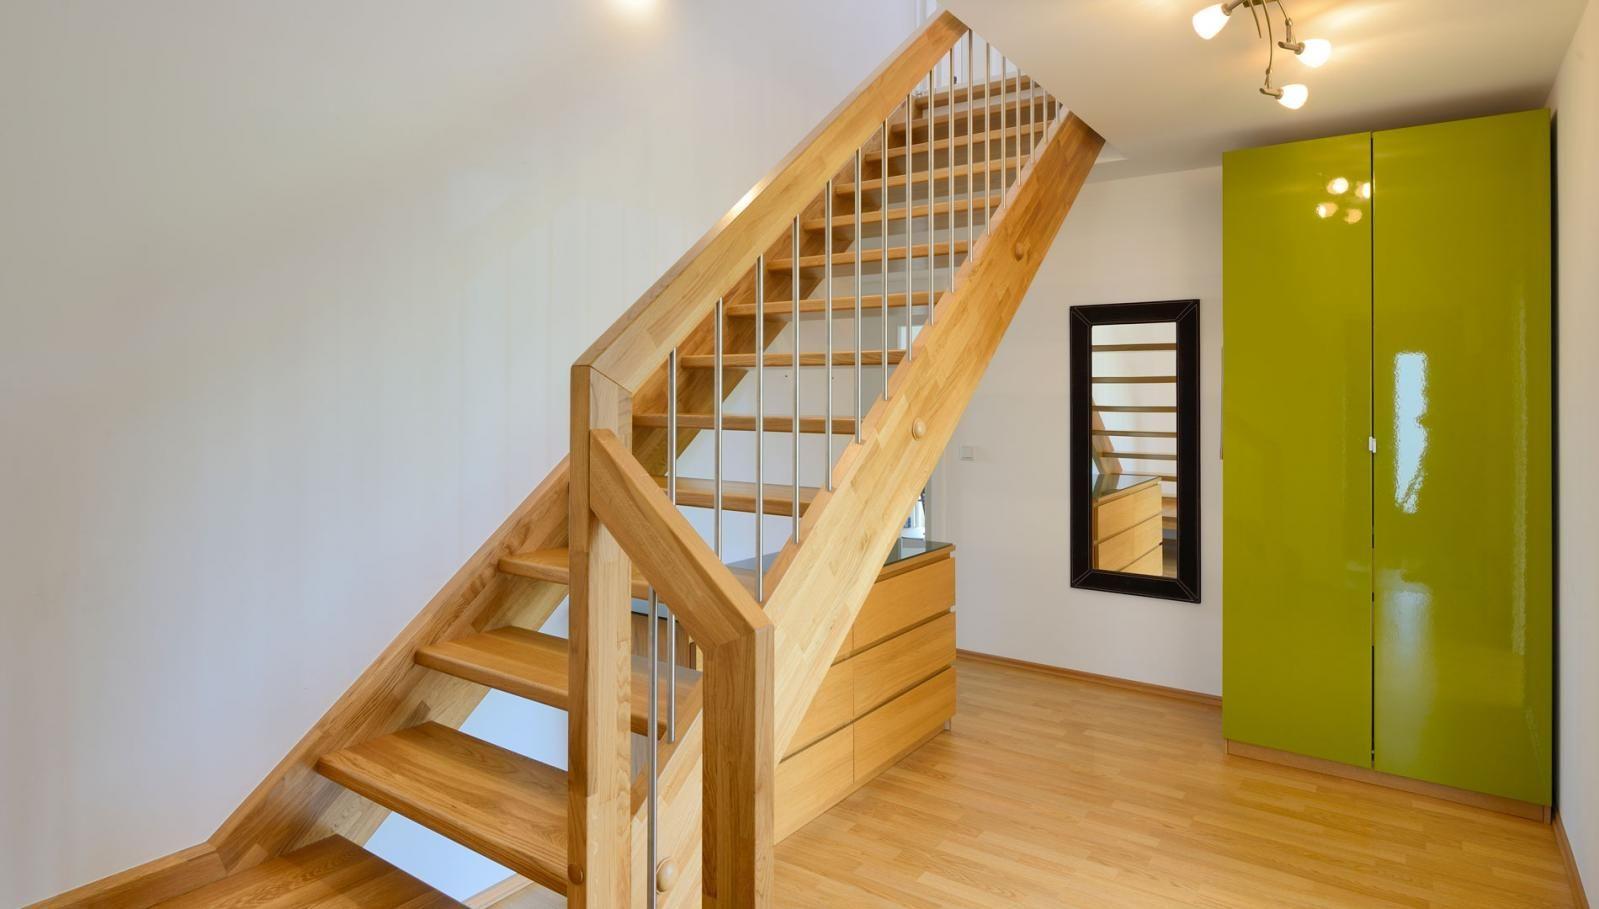 klassische holz podest treppe haus grauer fertighaus weiss treppen stairways pinterest. Black Bedroom Furniture Sets. Home Design Ideas